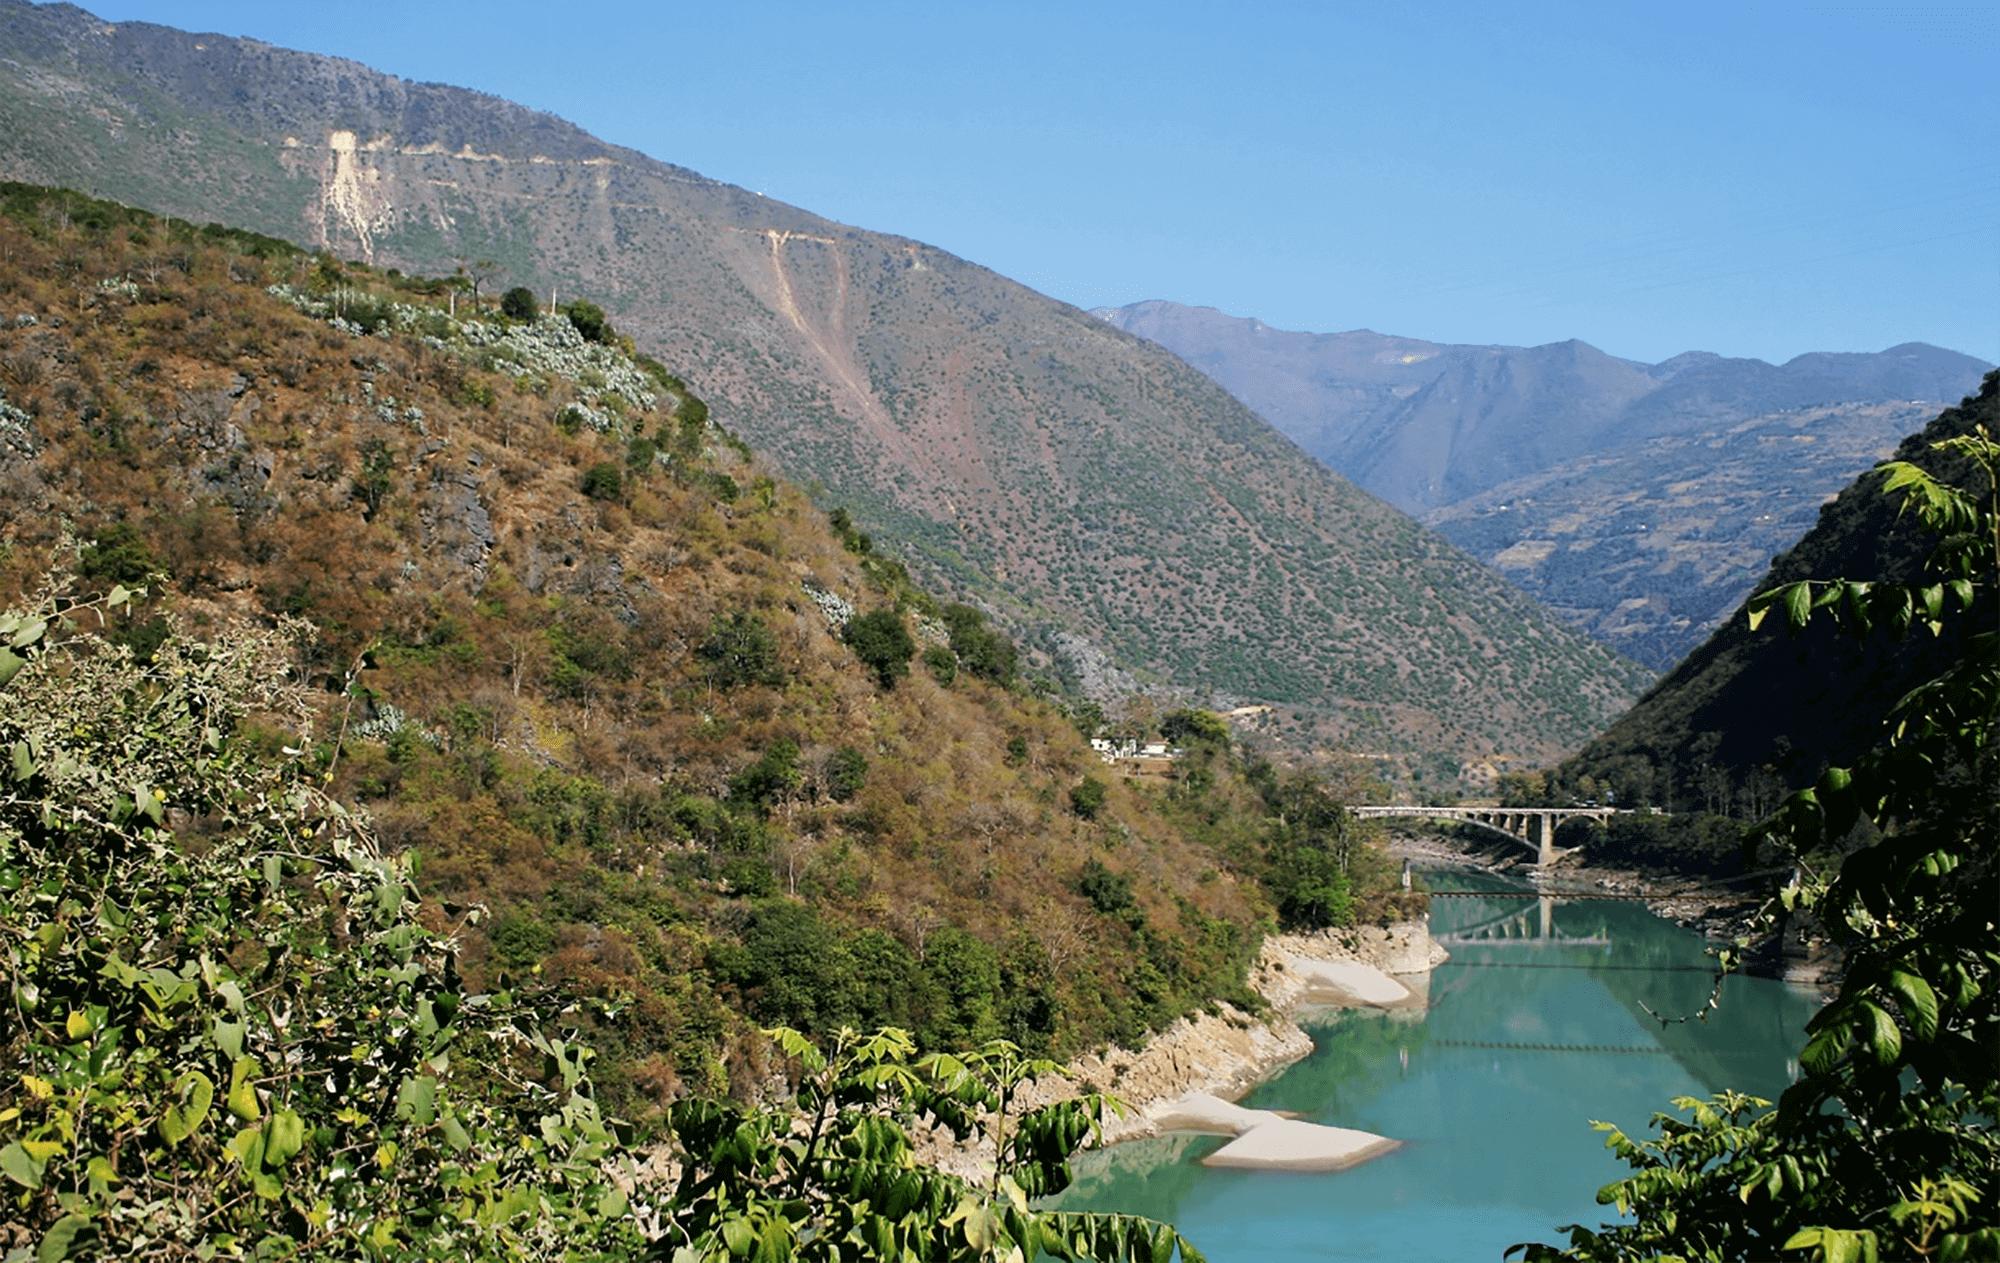 Reise in Yunnan in China. Ein Fluss fliesst durch ein Tal und wird in der Ferne von einer Brücke überspannt. Die Berghänge sind mit Bäumen und Sträuchern bedeckt.